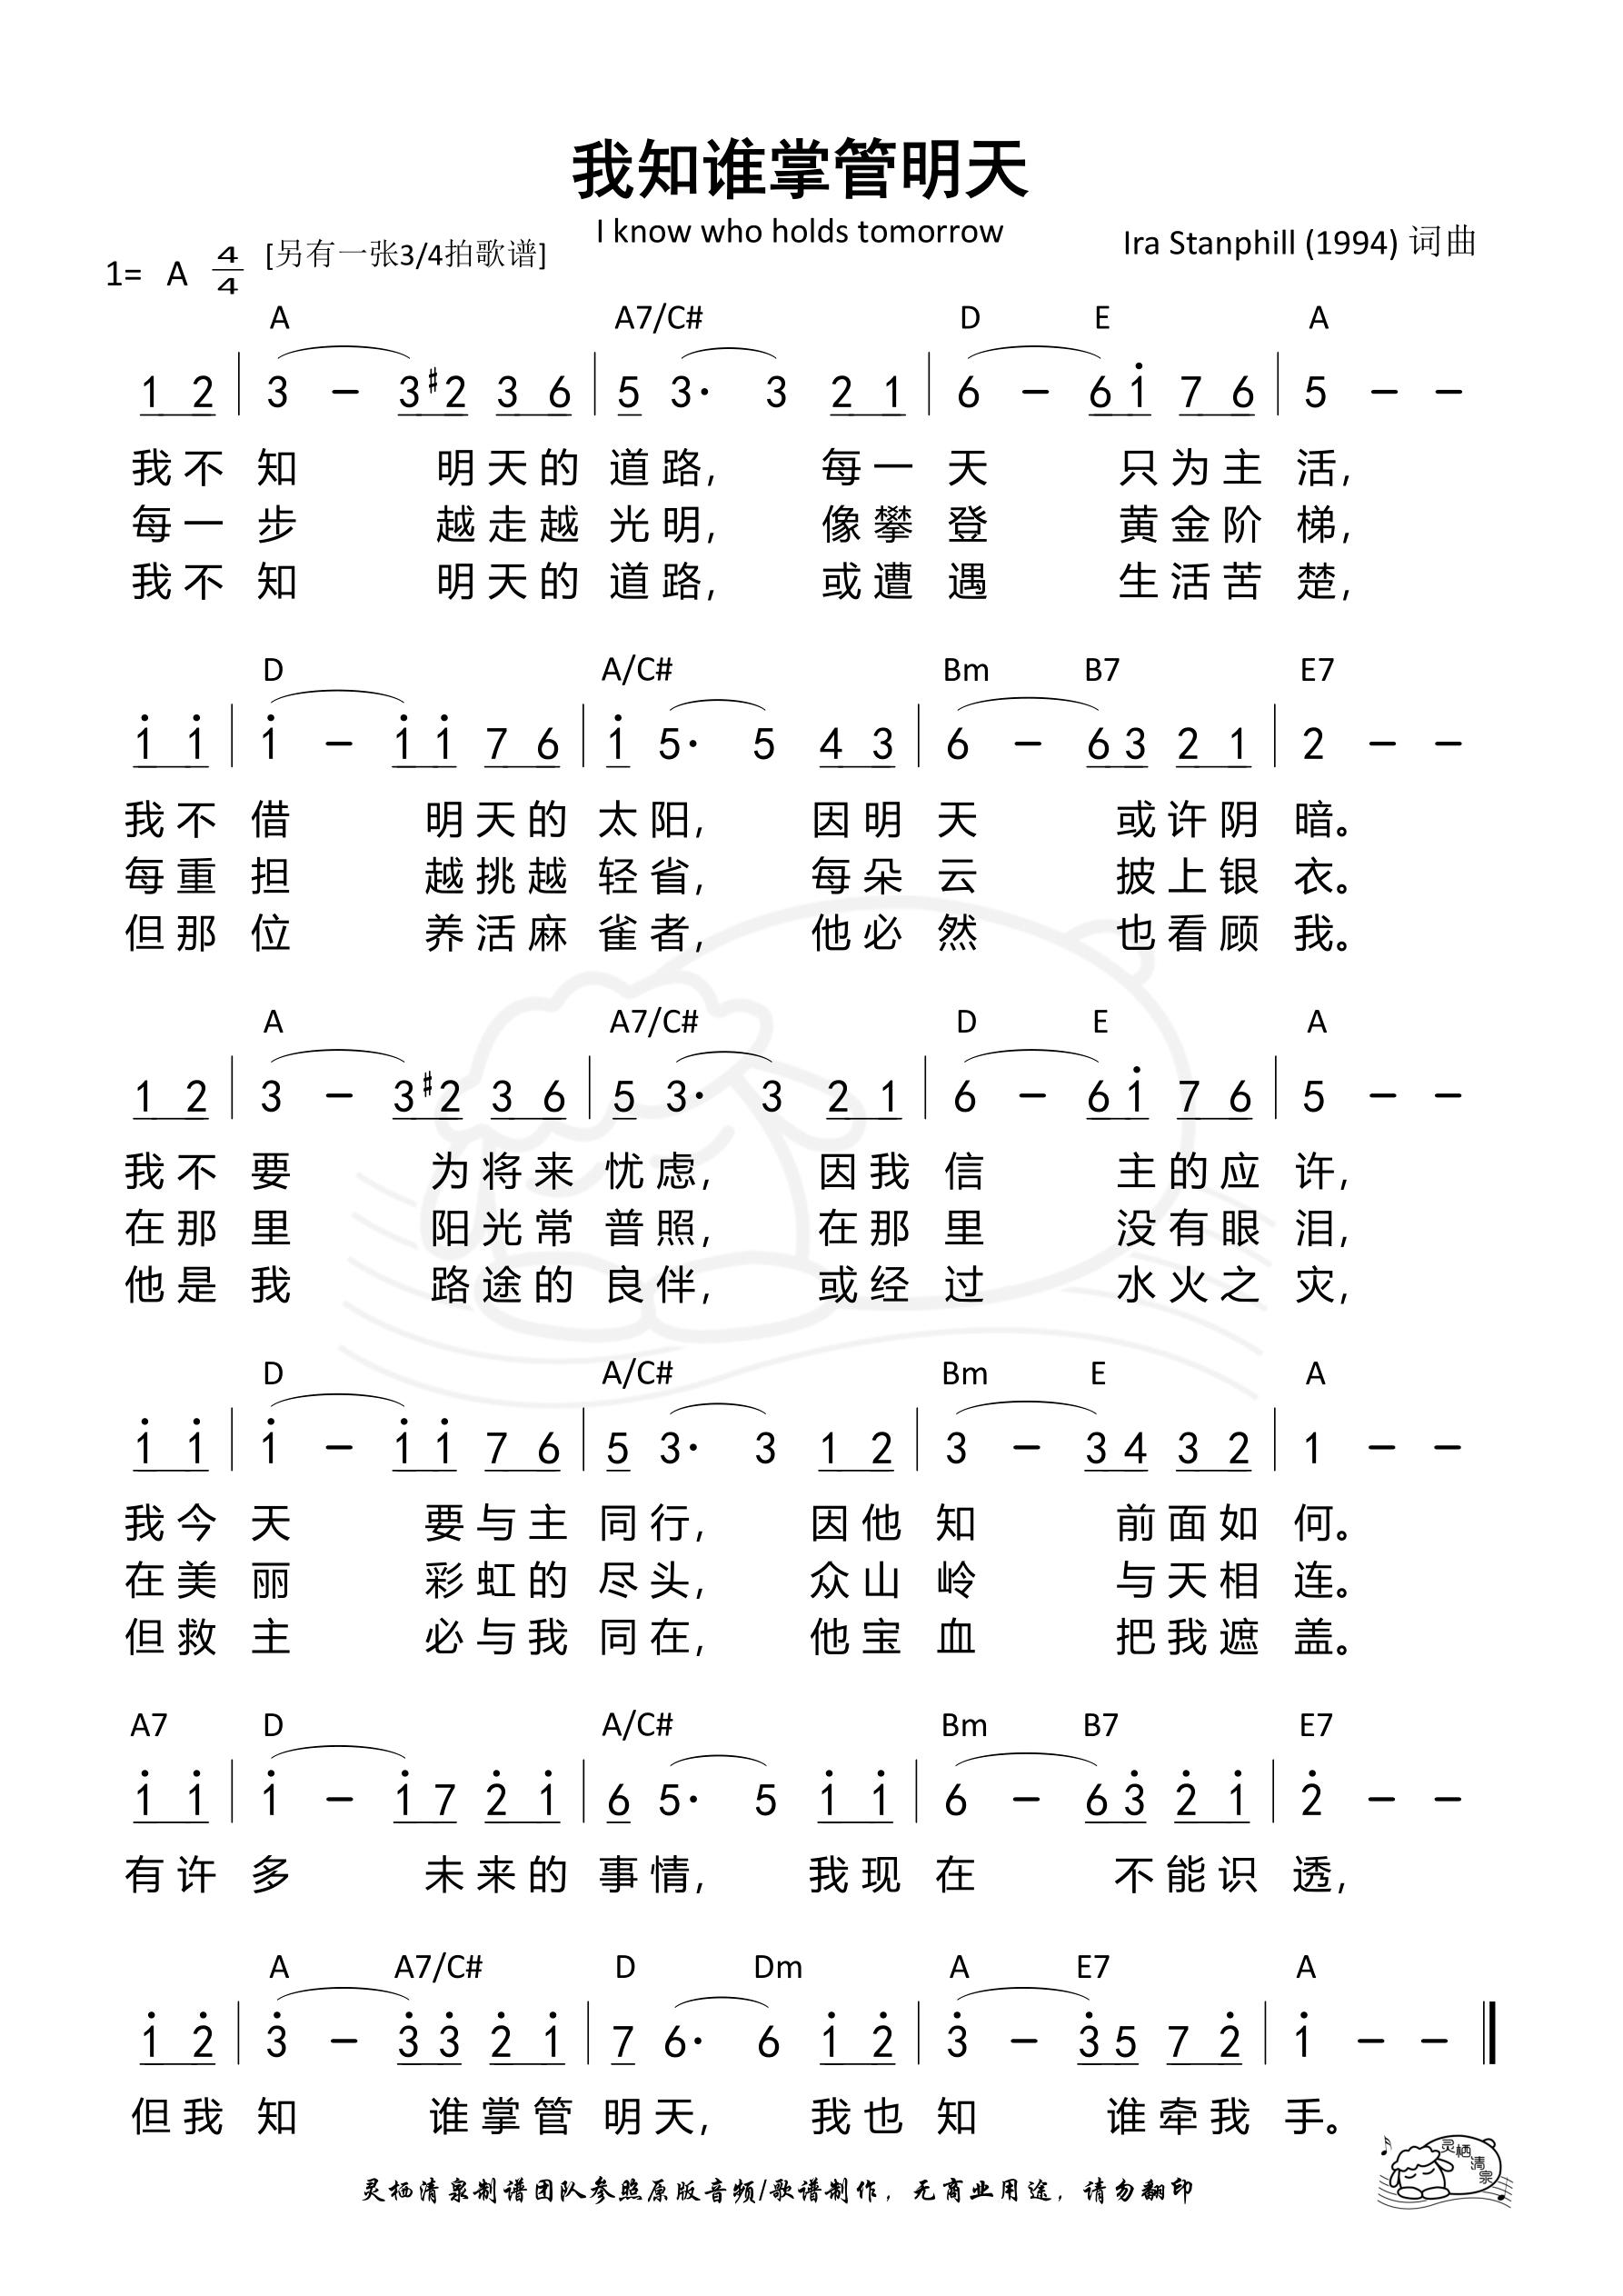 《第981首 - 我知谁掌管明天 / 我不知明天的道路(4/4拍)和弦简谱》